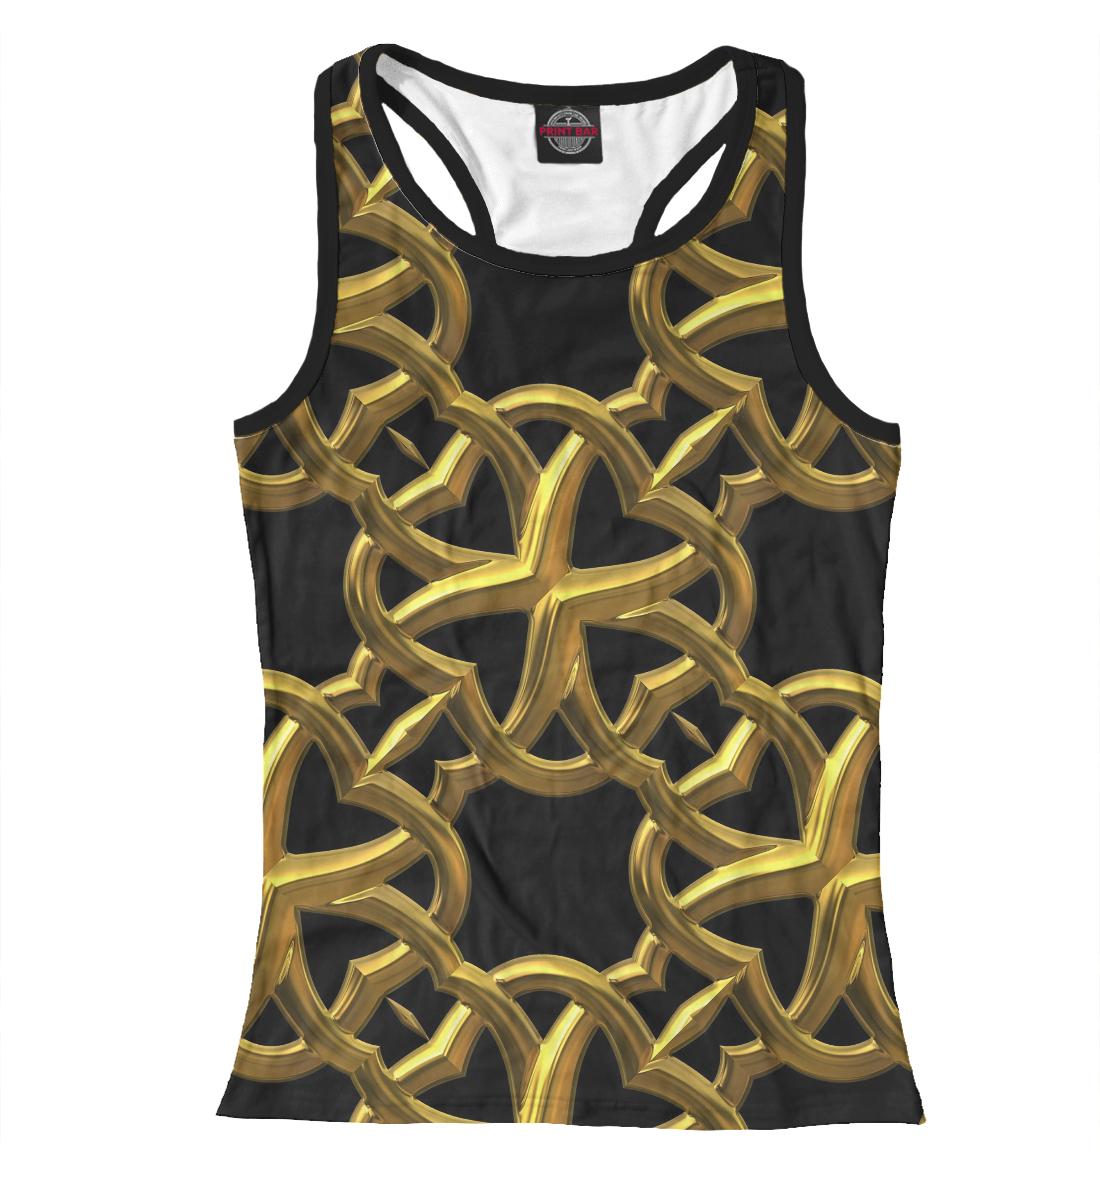 Купить BLACK&GOLD, Printbar, Майки борцовки, APD-569873-mayb-1